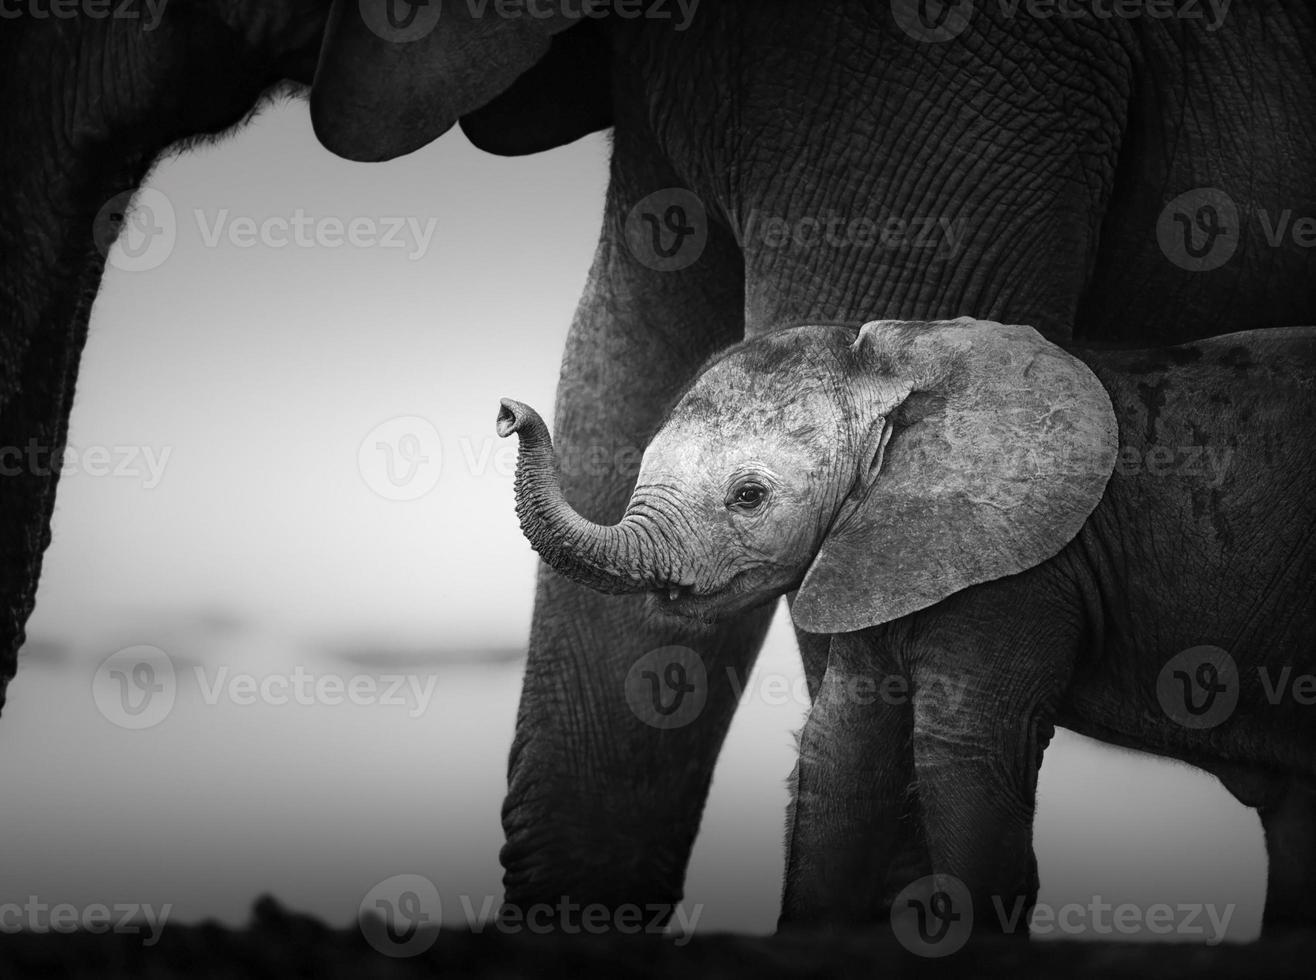 elefante bebê ao lado de vaca (processamento artístico) foto